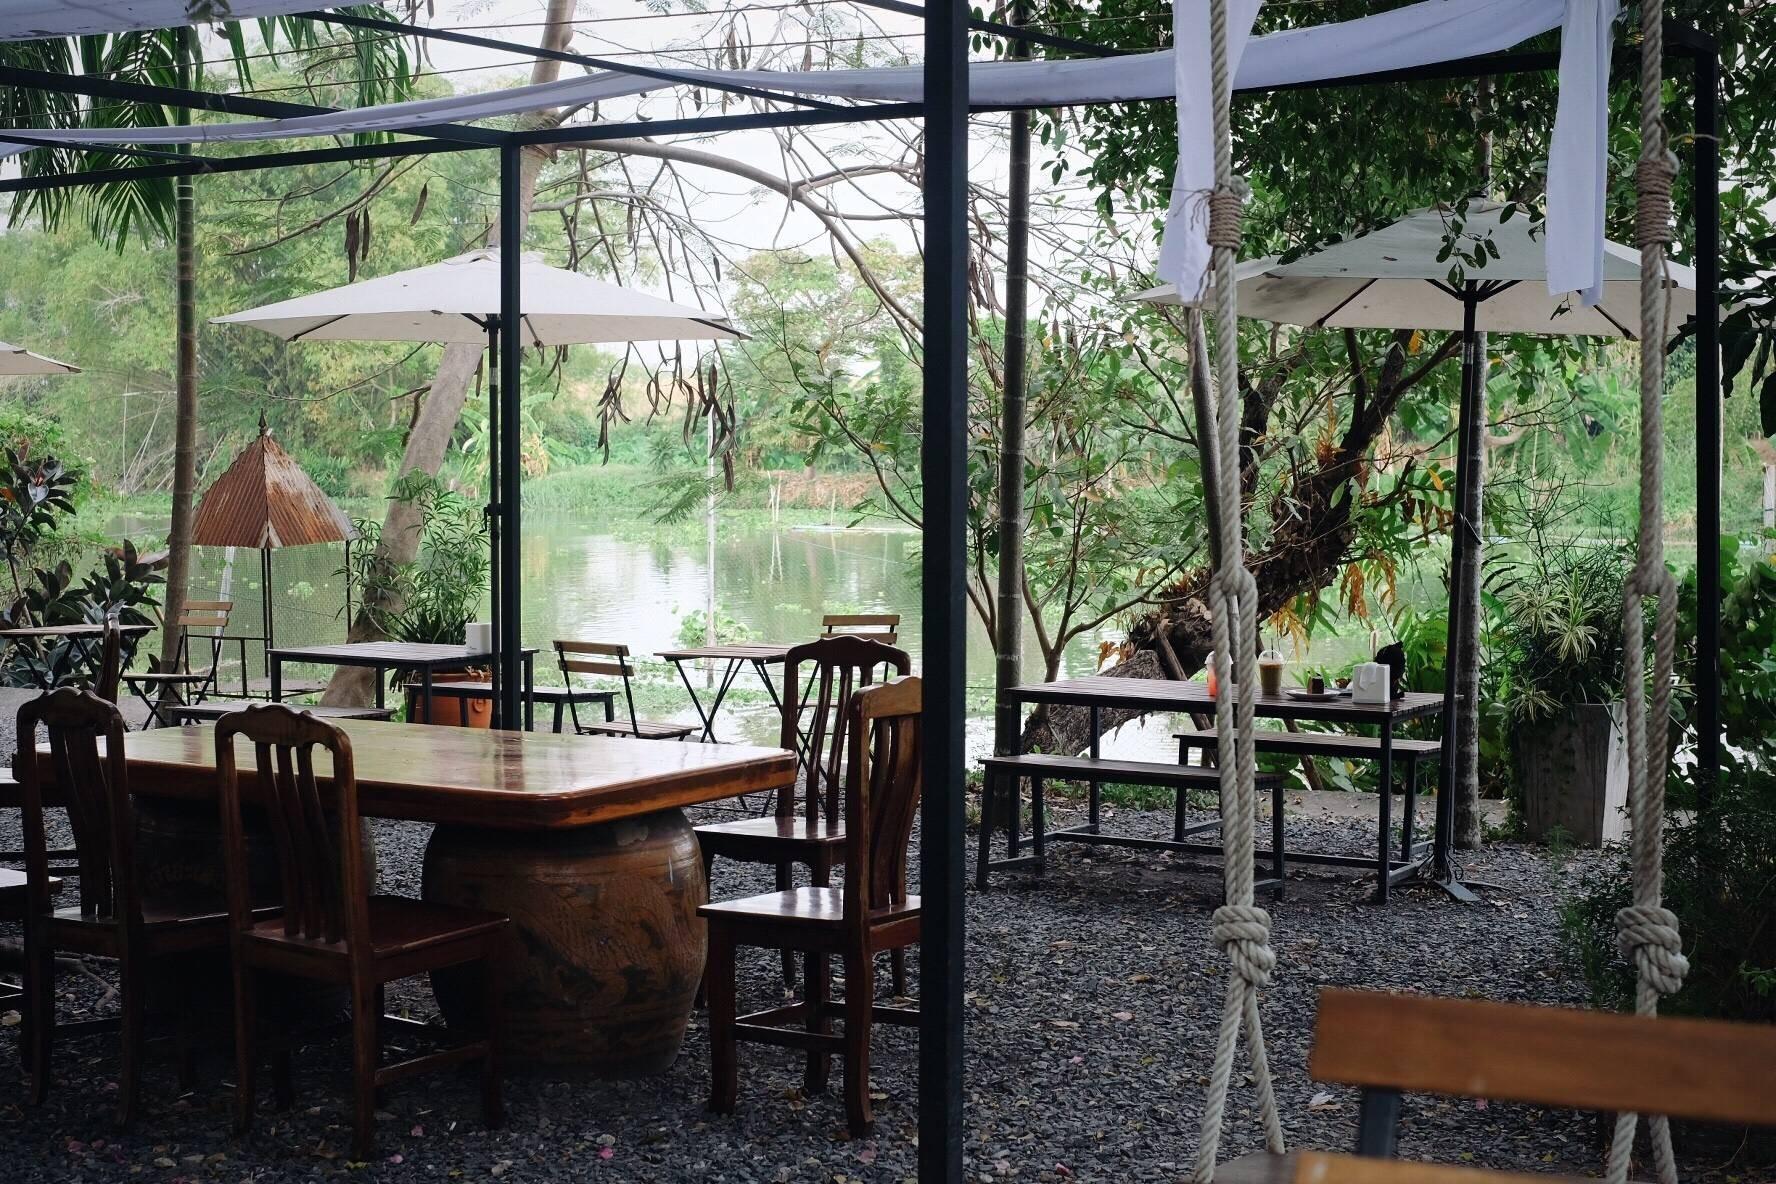 มีที่นั่งริมน้ำ เย็นสบาย ที่นั่งมีให้เลือกหลายมุม Indoor Outdoor